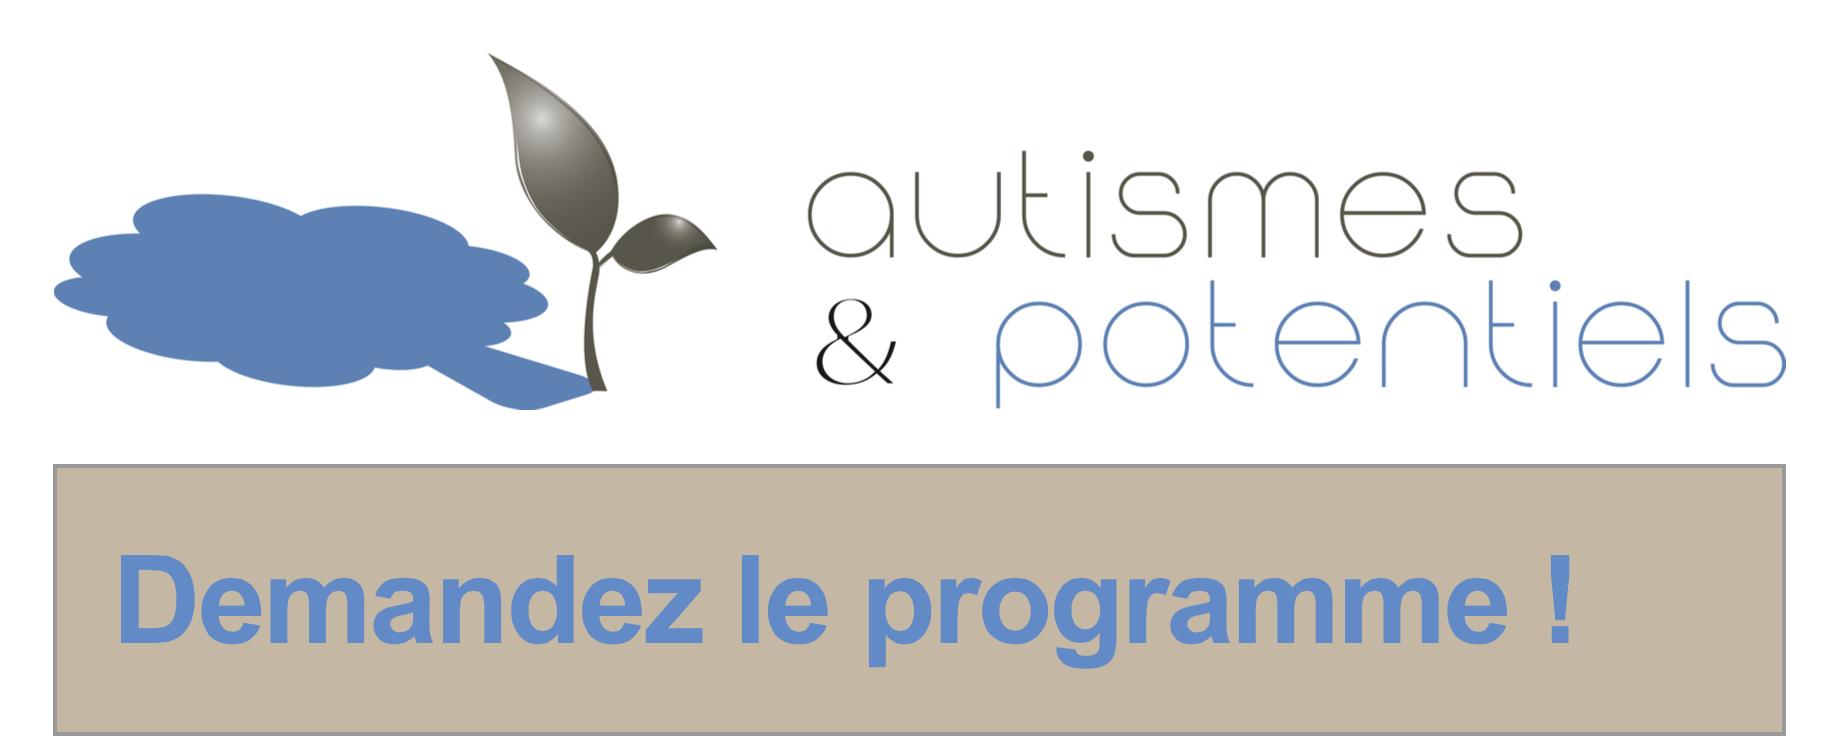 autismes-et-potentiels.ch_Newsletter